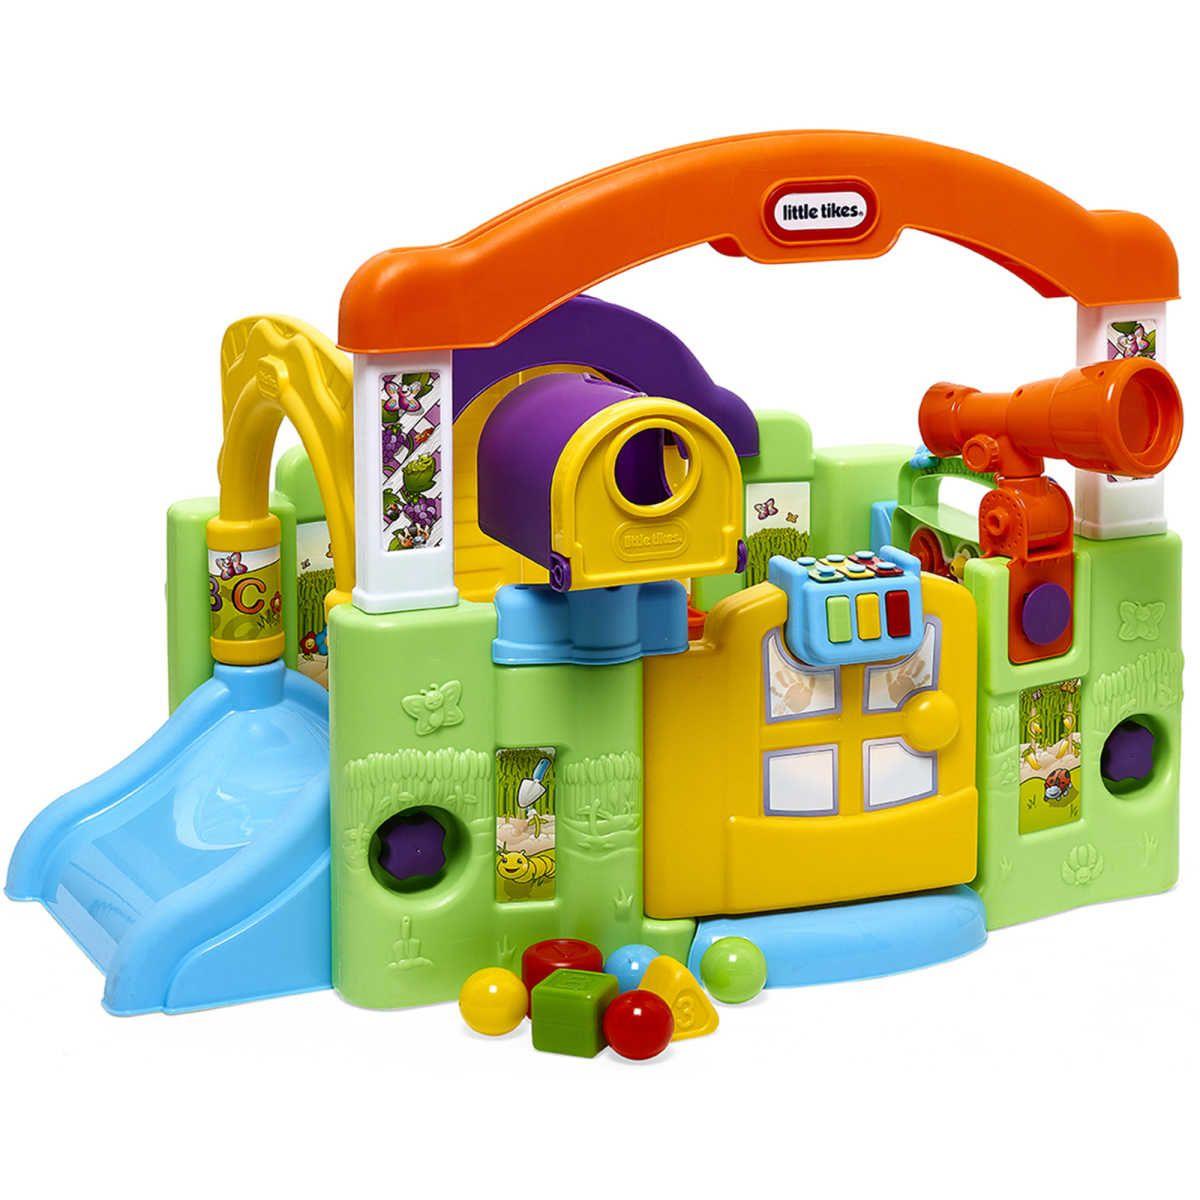 Little tikes activity garden christmas presents toys - Little tikes activity garden baby playset ...